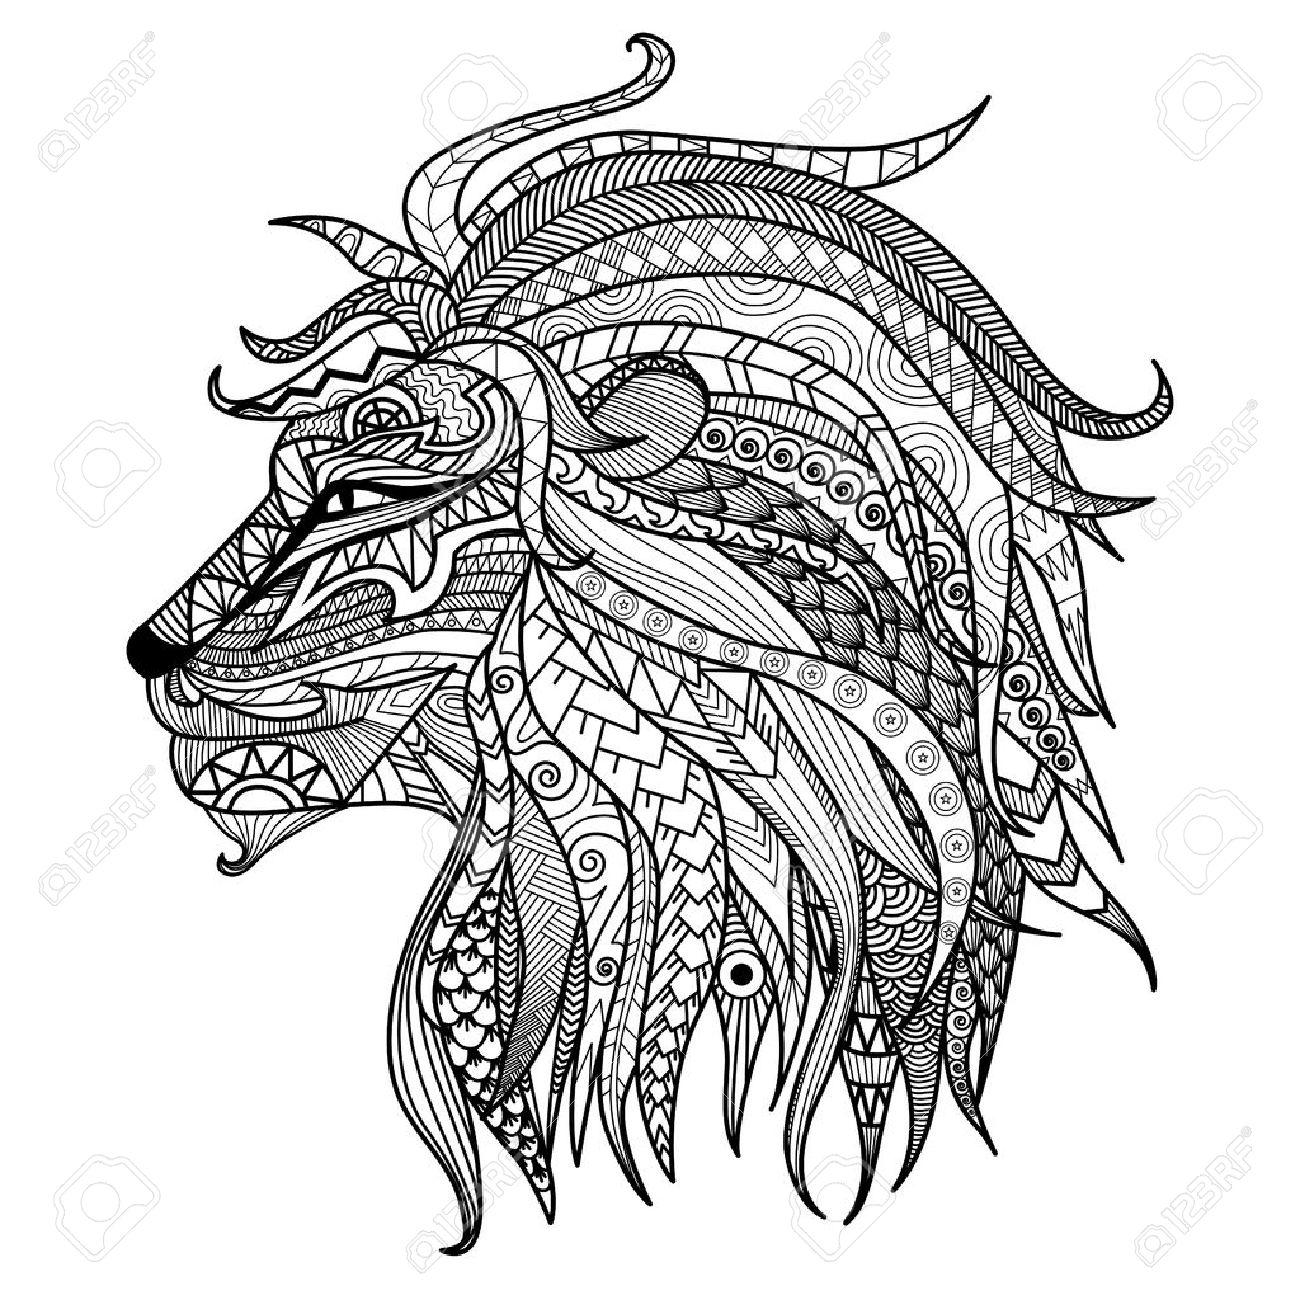 Tire Par La Main Coloriage Lion Clip Art Libres De Droits Vecteurs Et Illustration Image 44239453